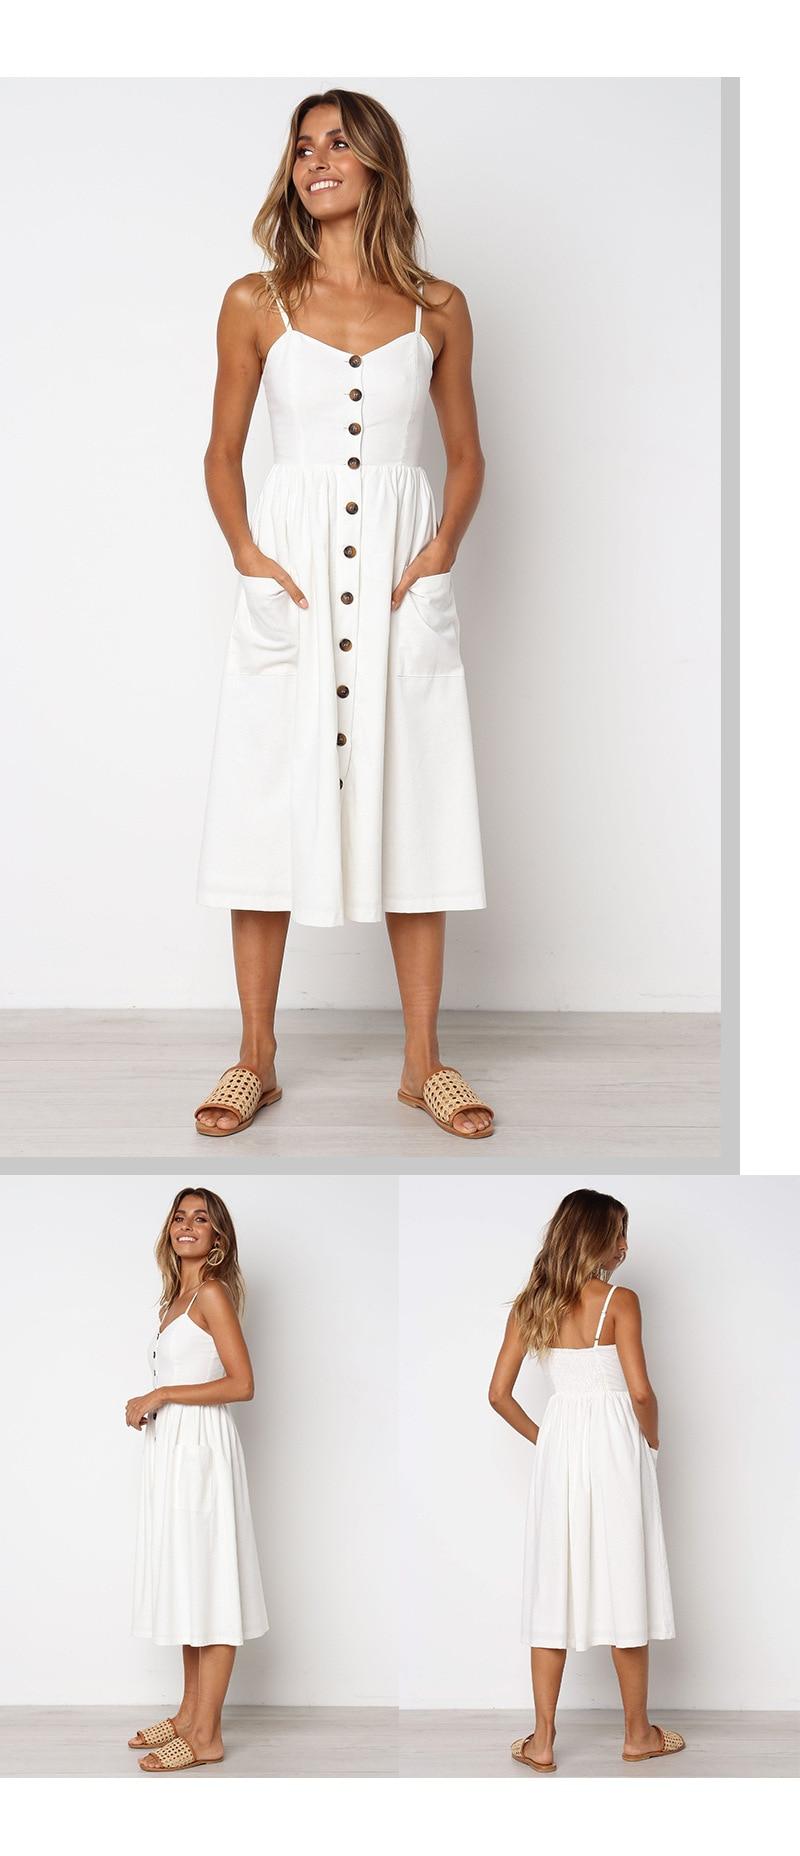 Button Striped Print Cotton Linen Casual Summer Dress 19 Sexy Spaghetti Strap V-neck Off Shoulder Women Midi Dress Vestidos 2